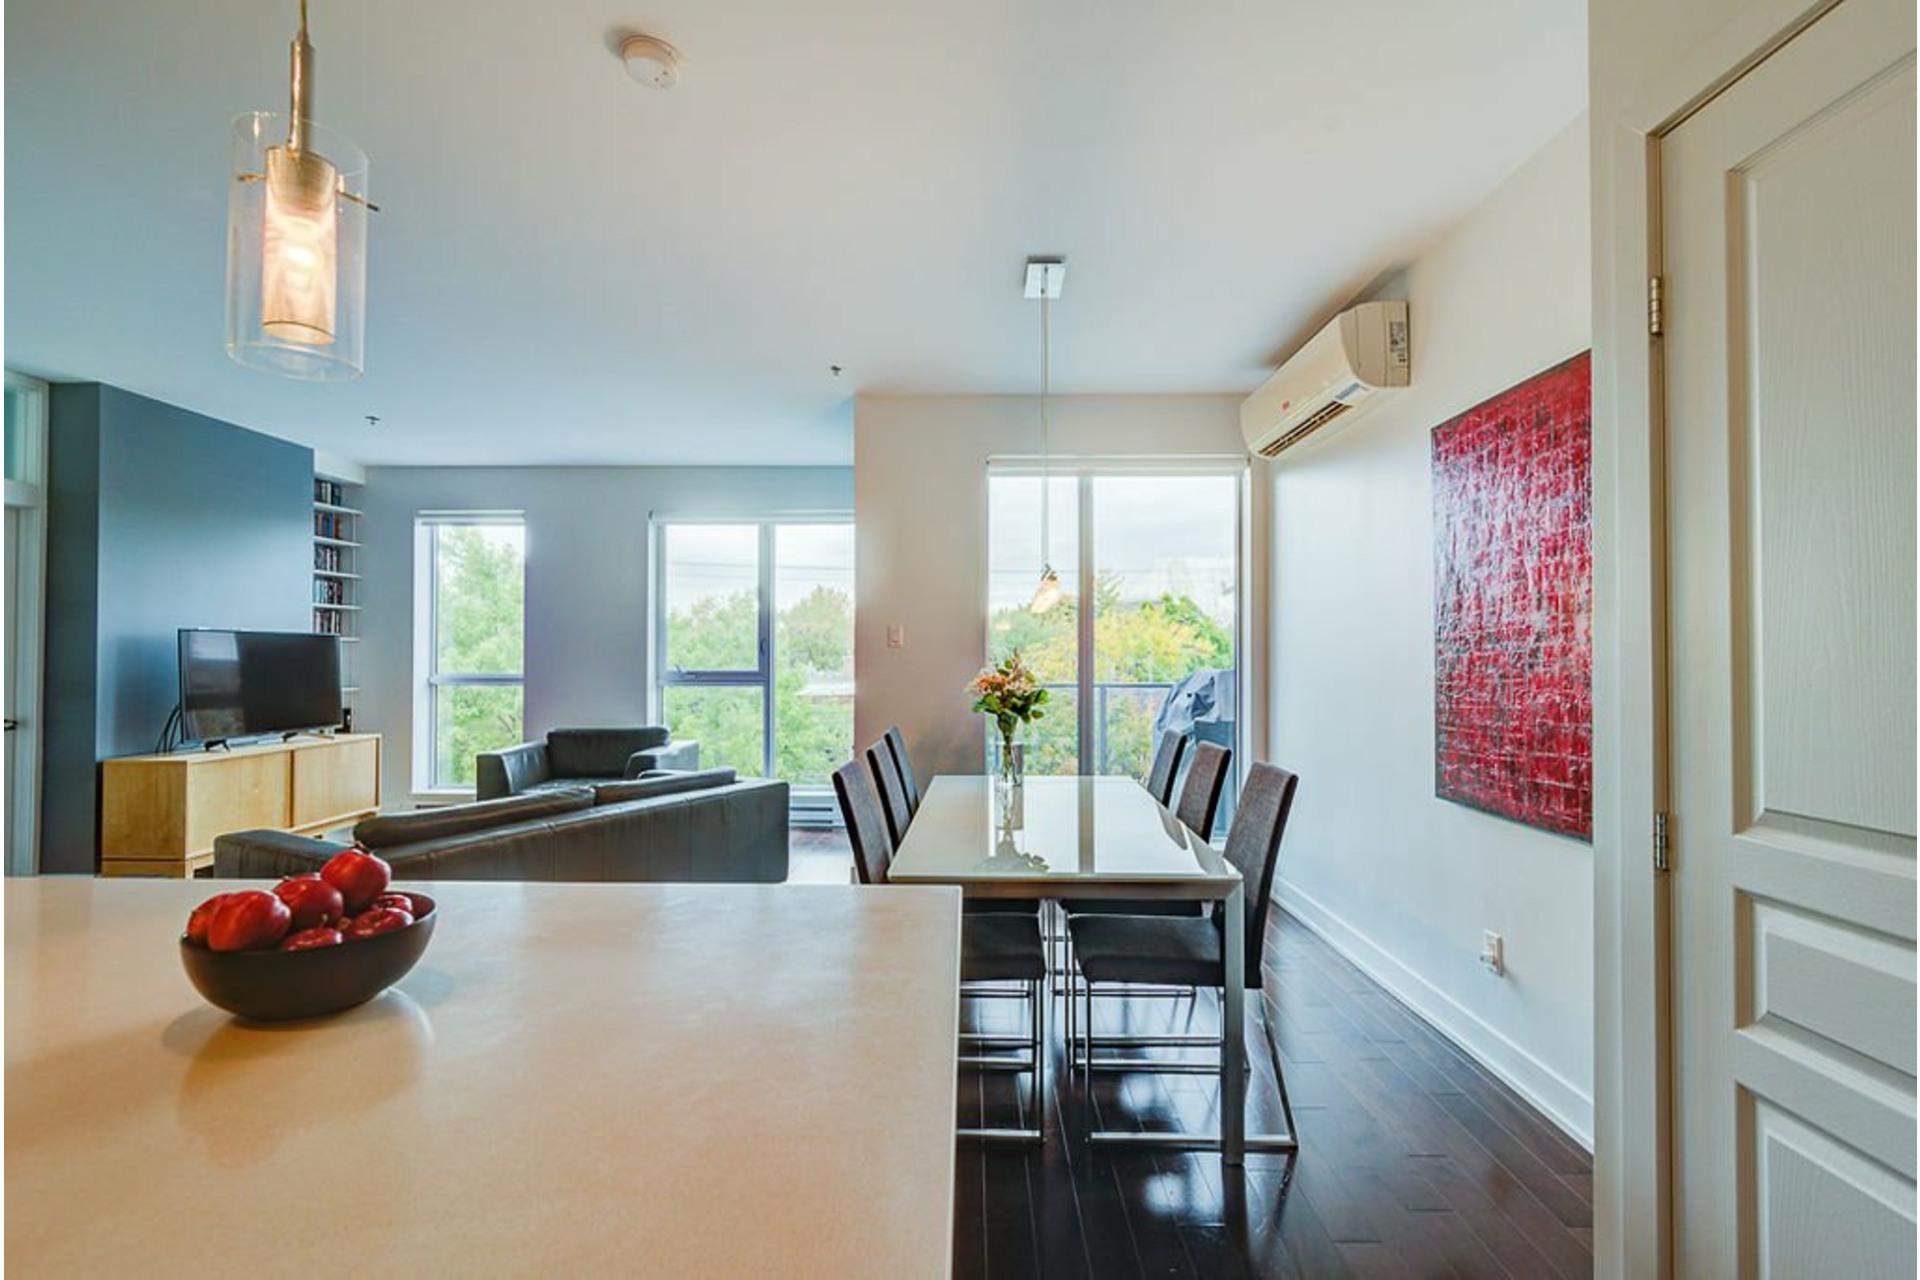 image 15 - Appartement À vendre Villeray/Saint-Michel/Parc-Extension Montréal  - 6 pièces